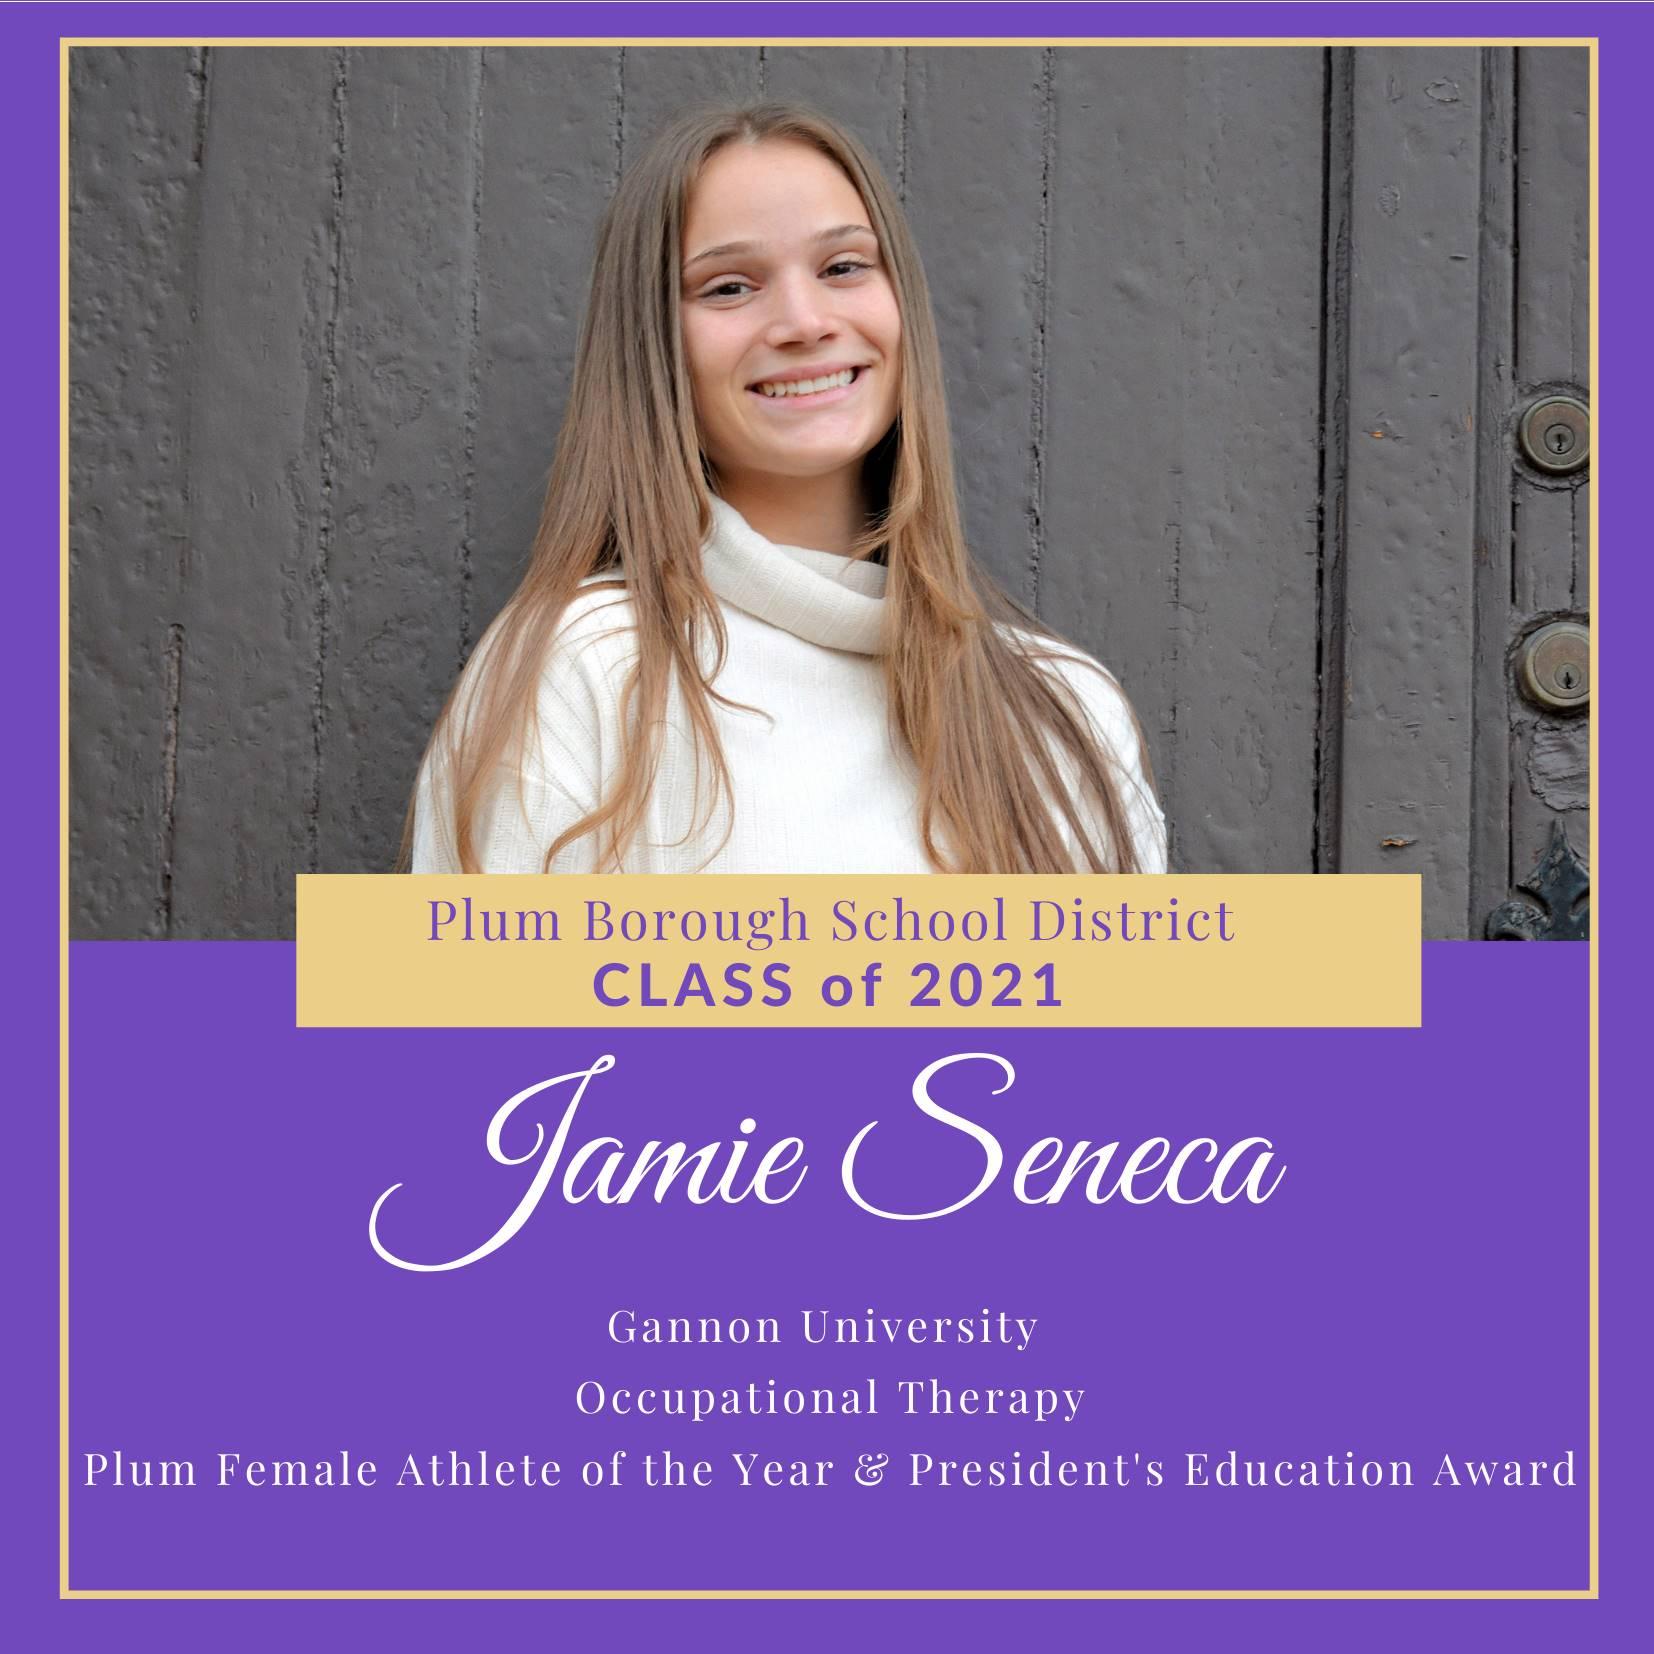 Congratulations to Jamie Seneca, Class of 2021!